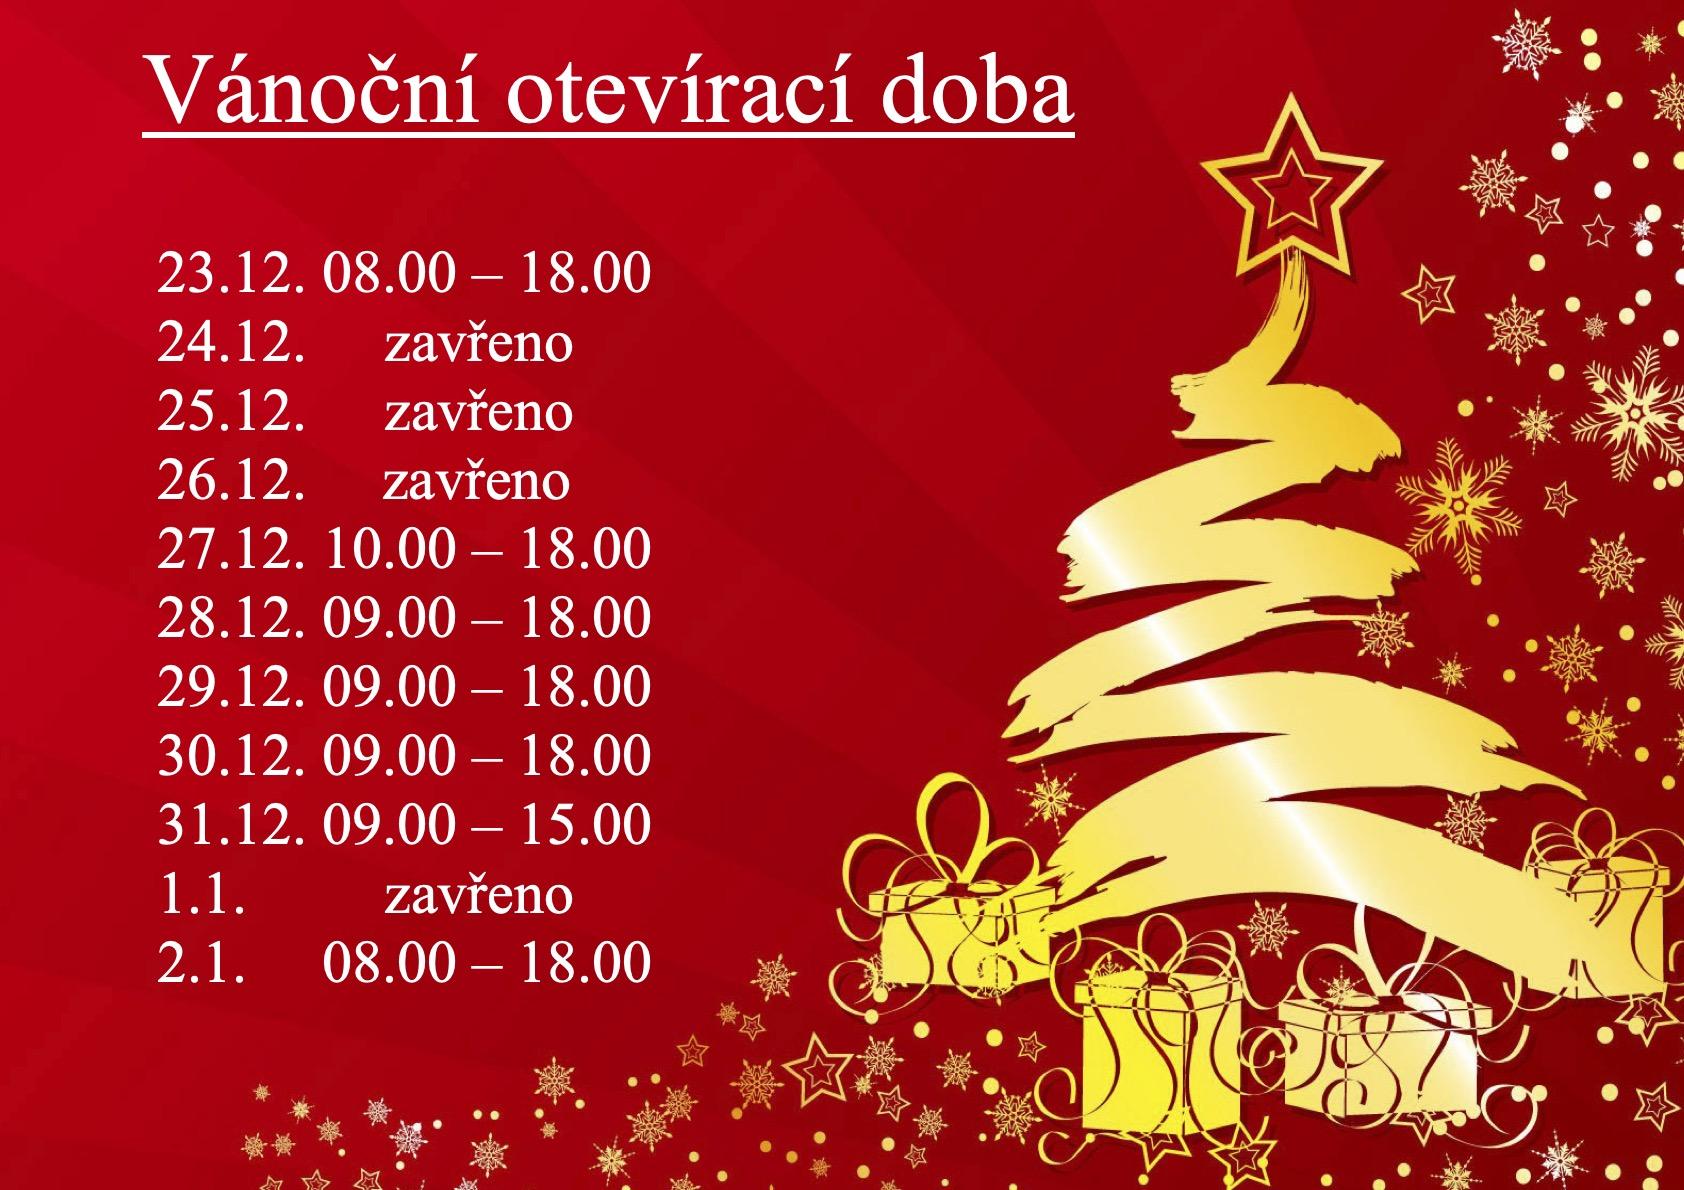 Vánoční otevírací doba - 2020 Dolce Carosello